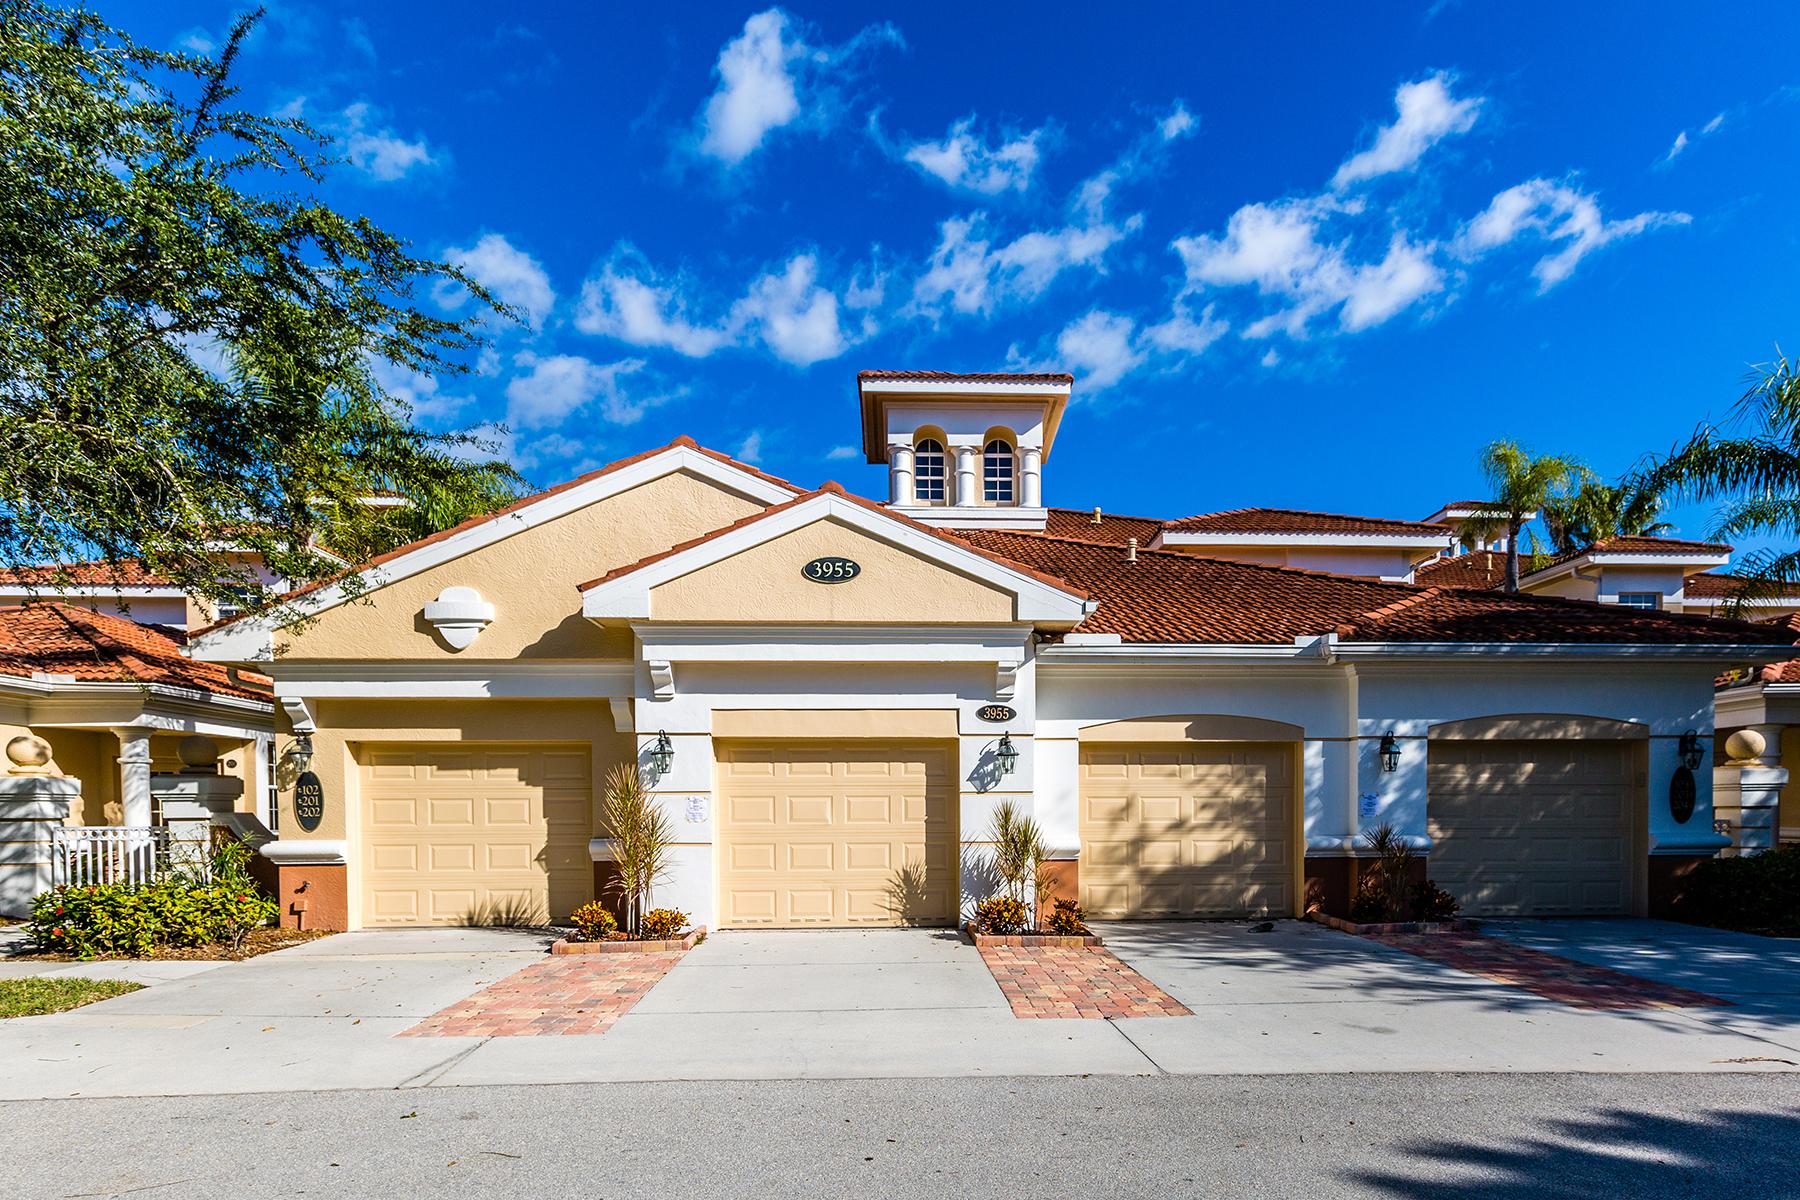 Condominio por un Venta en FIDDLER'S CREEK - DEER CROSSING 3965 Deer Crossing Ct 104 Naples, Florida, 34114 Estados Unidos